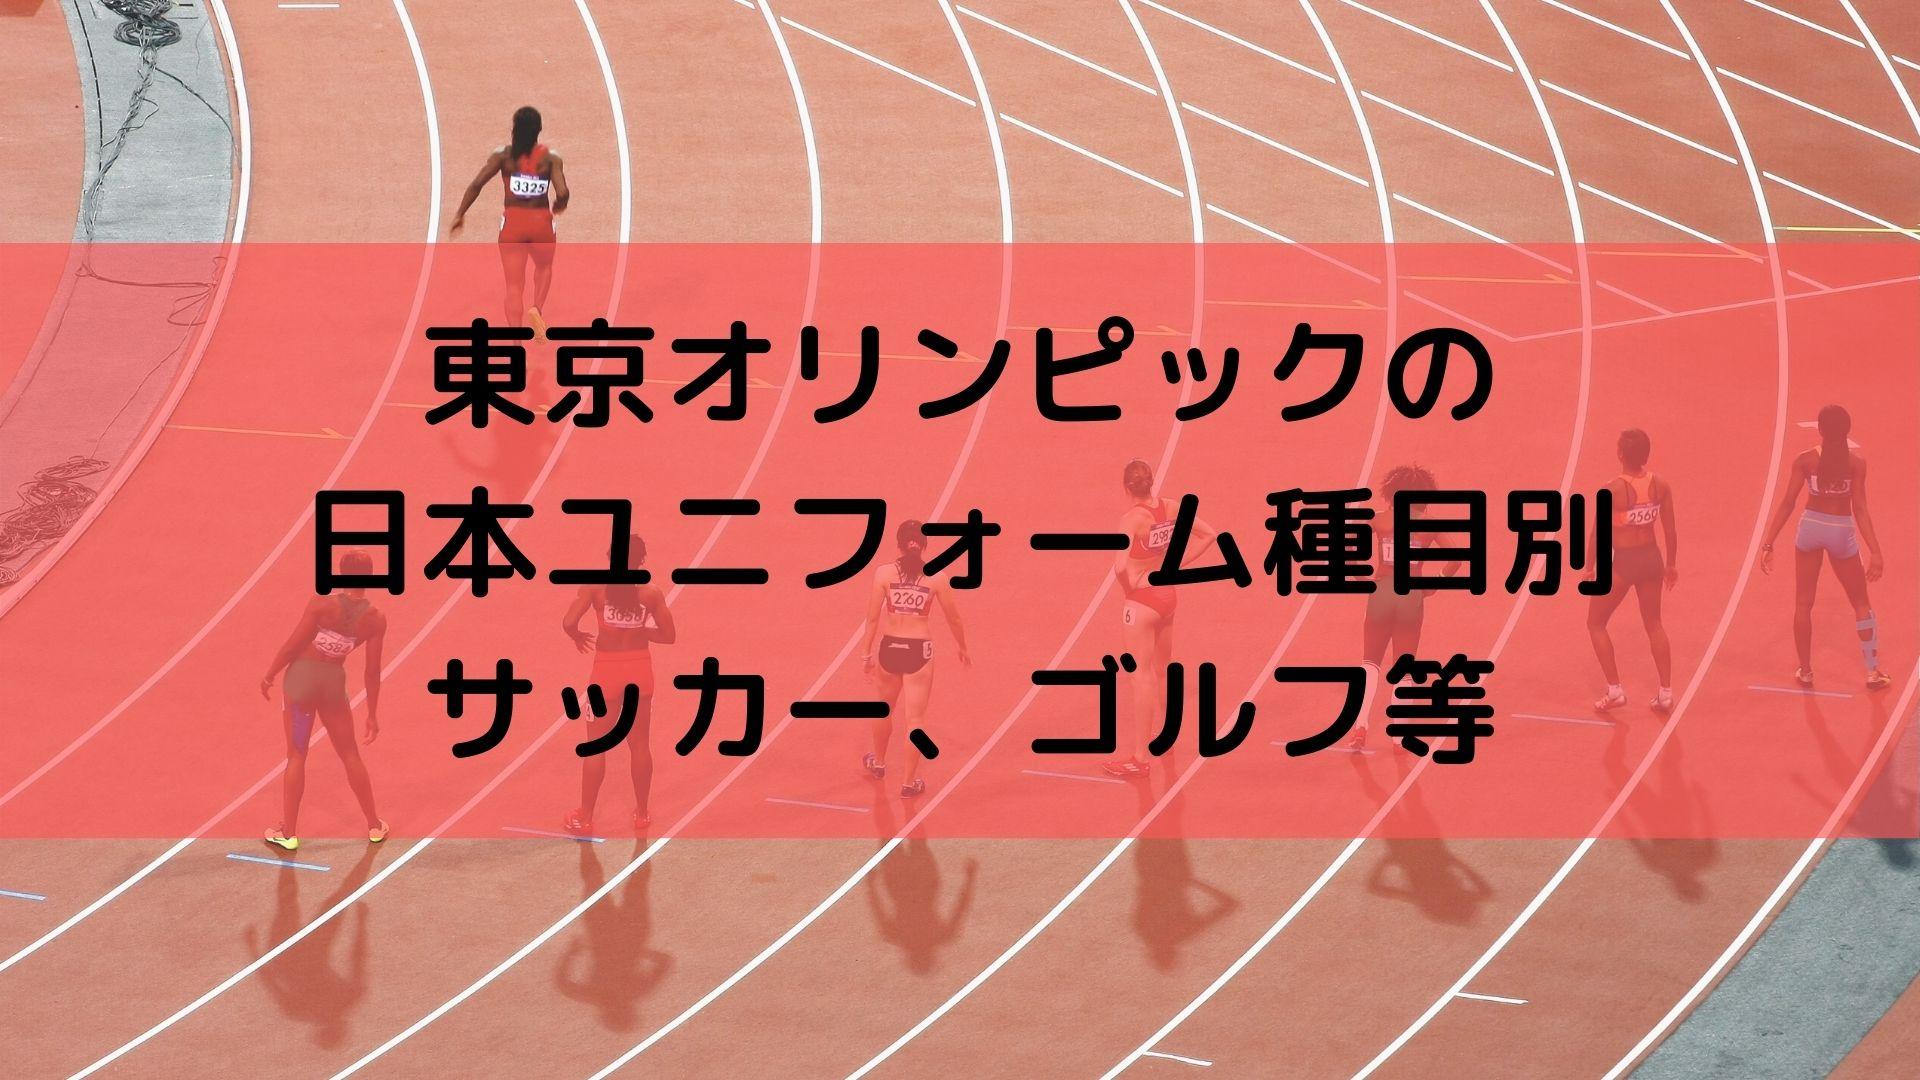 東京オリンピックのユニフォーム、サッカー、ラグビー、ゴルフ